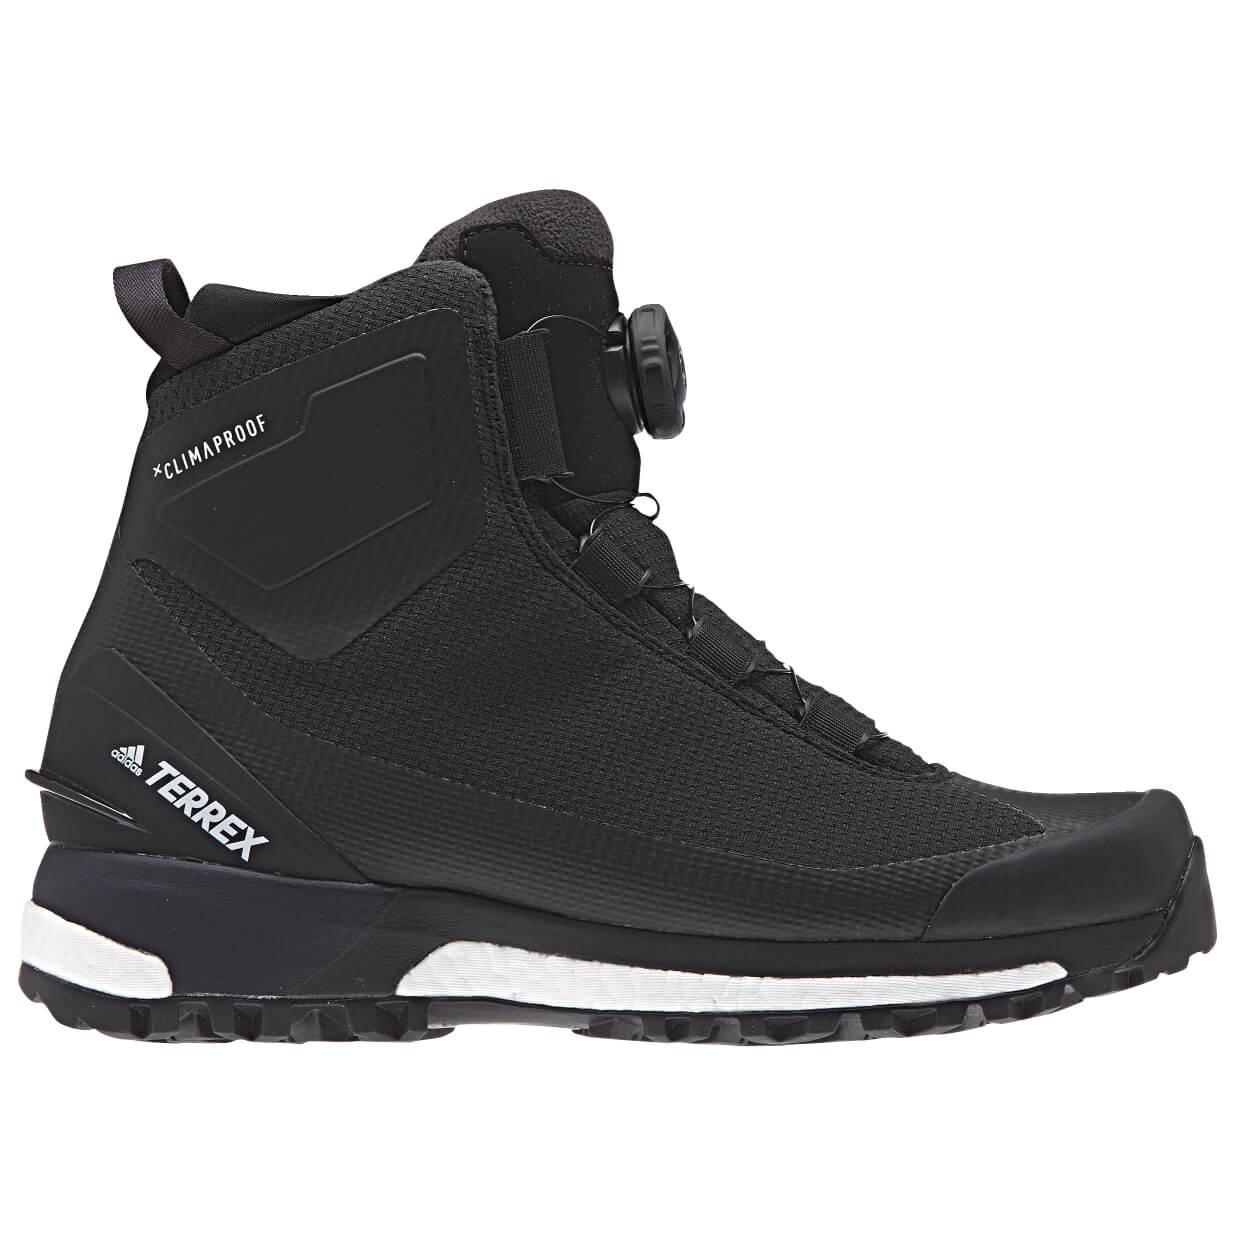 Conrax Boa Kaufen Terrex Online Winterschuhe Adidas Ch Cp Herren vIgYf7b6y